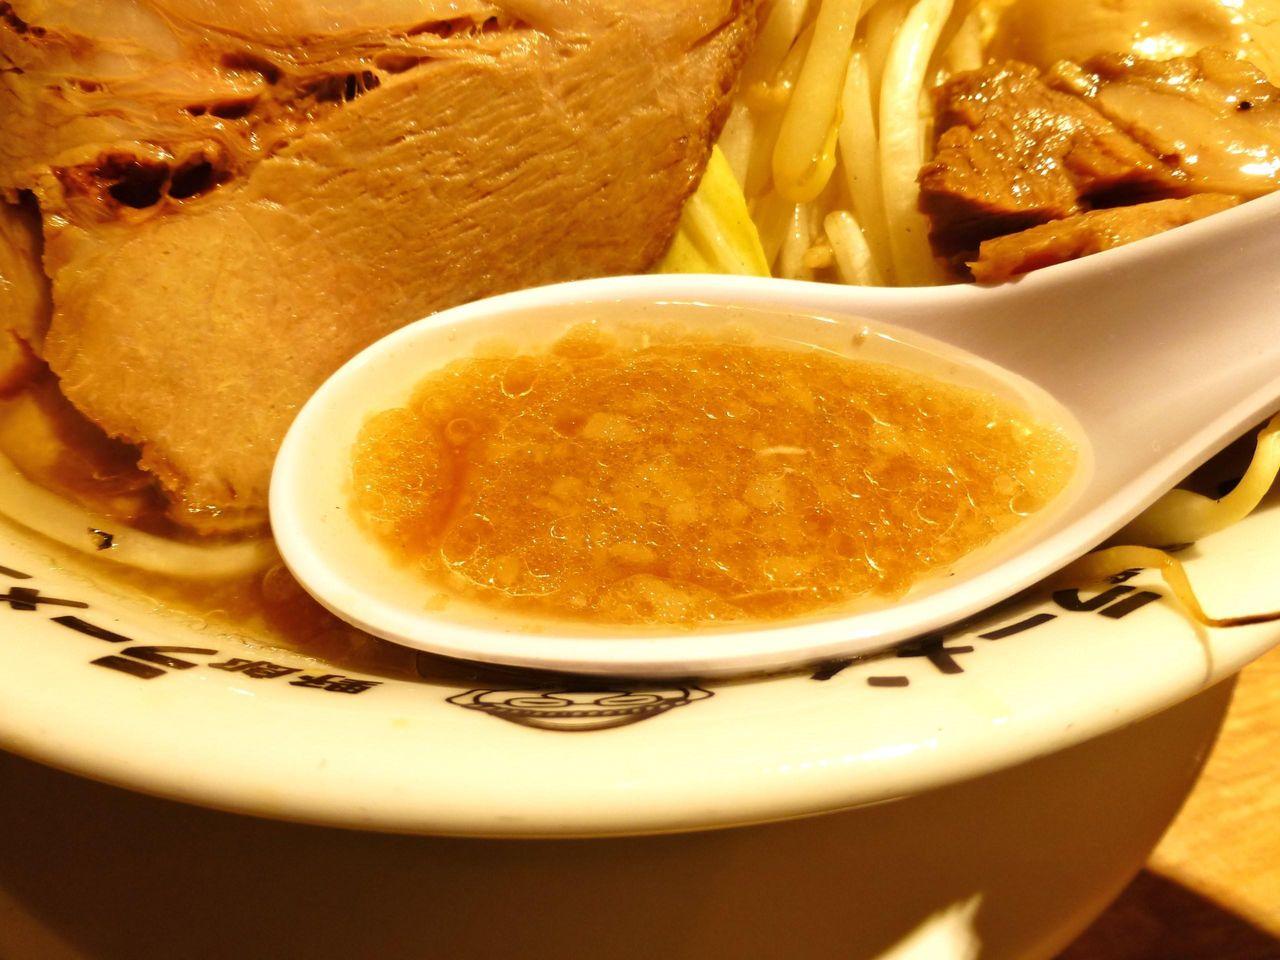 スープの温度は低めで表面に油の膜があり、コッテリ濃厚!